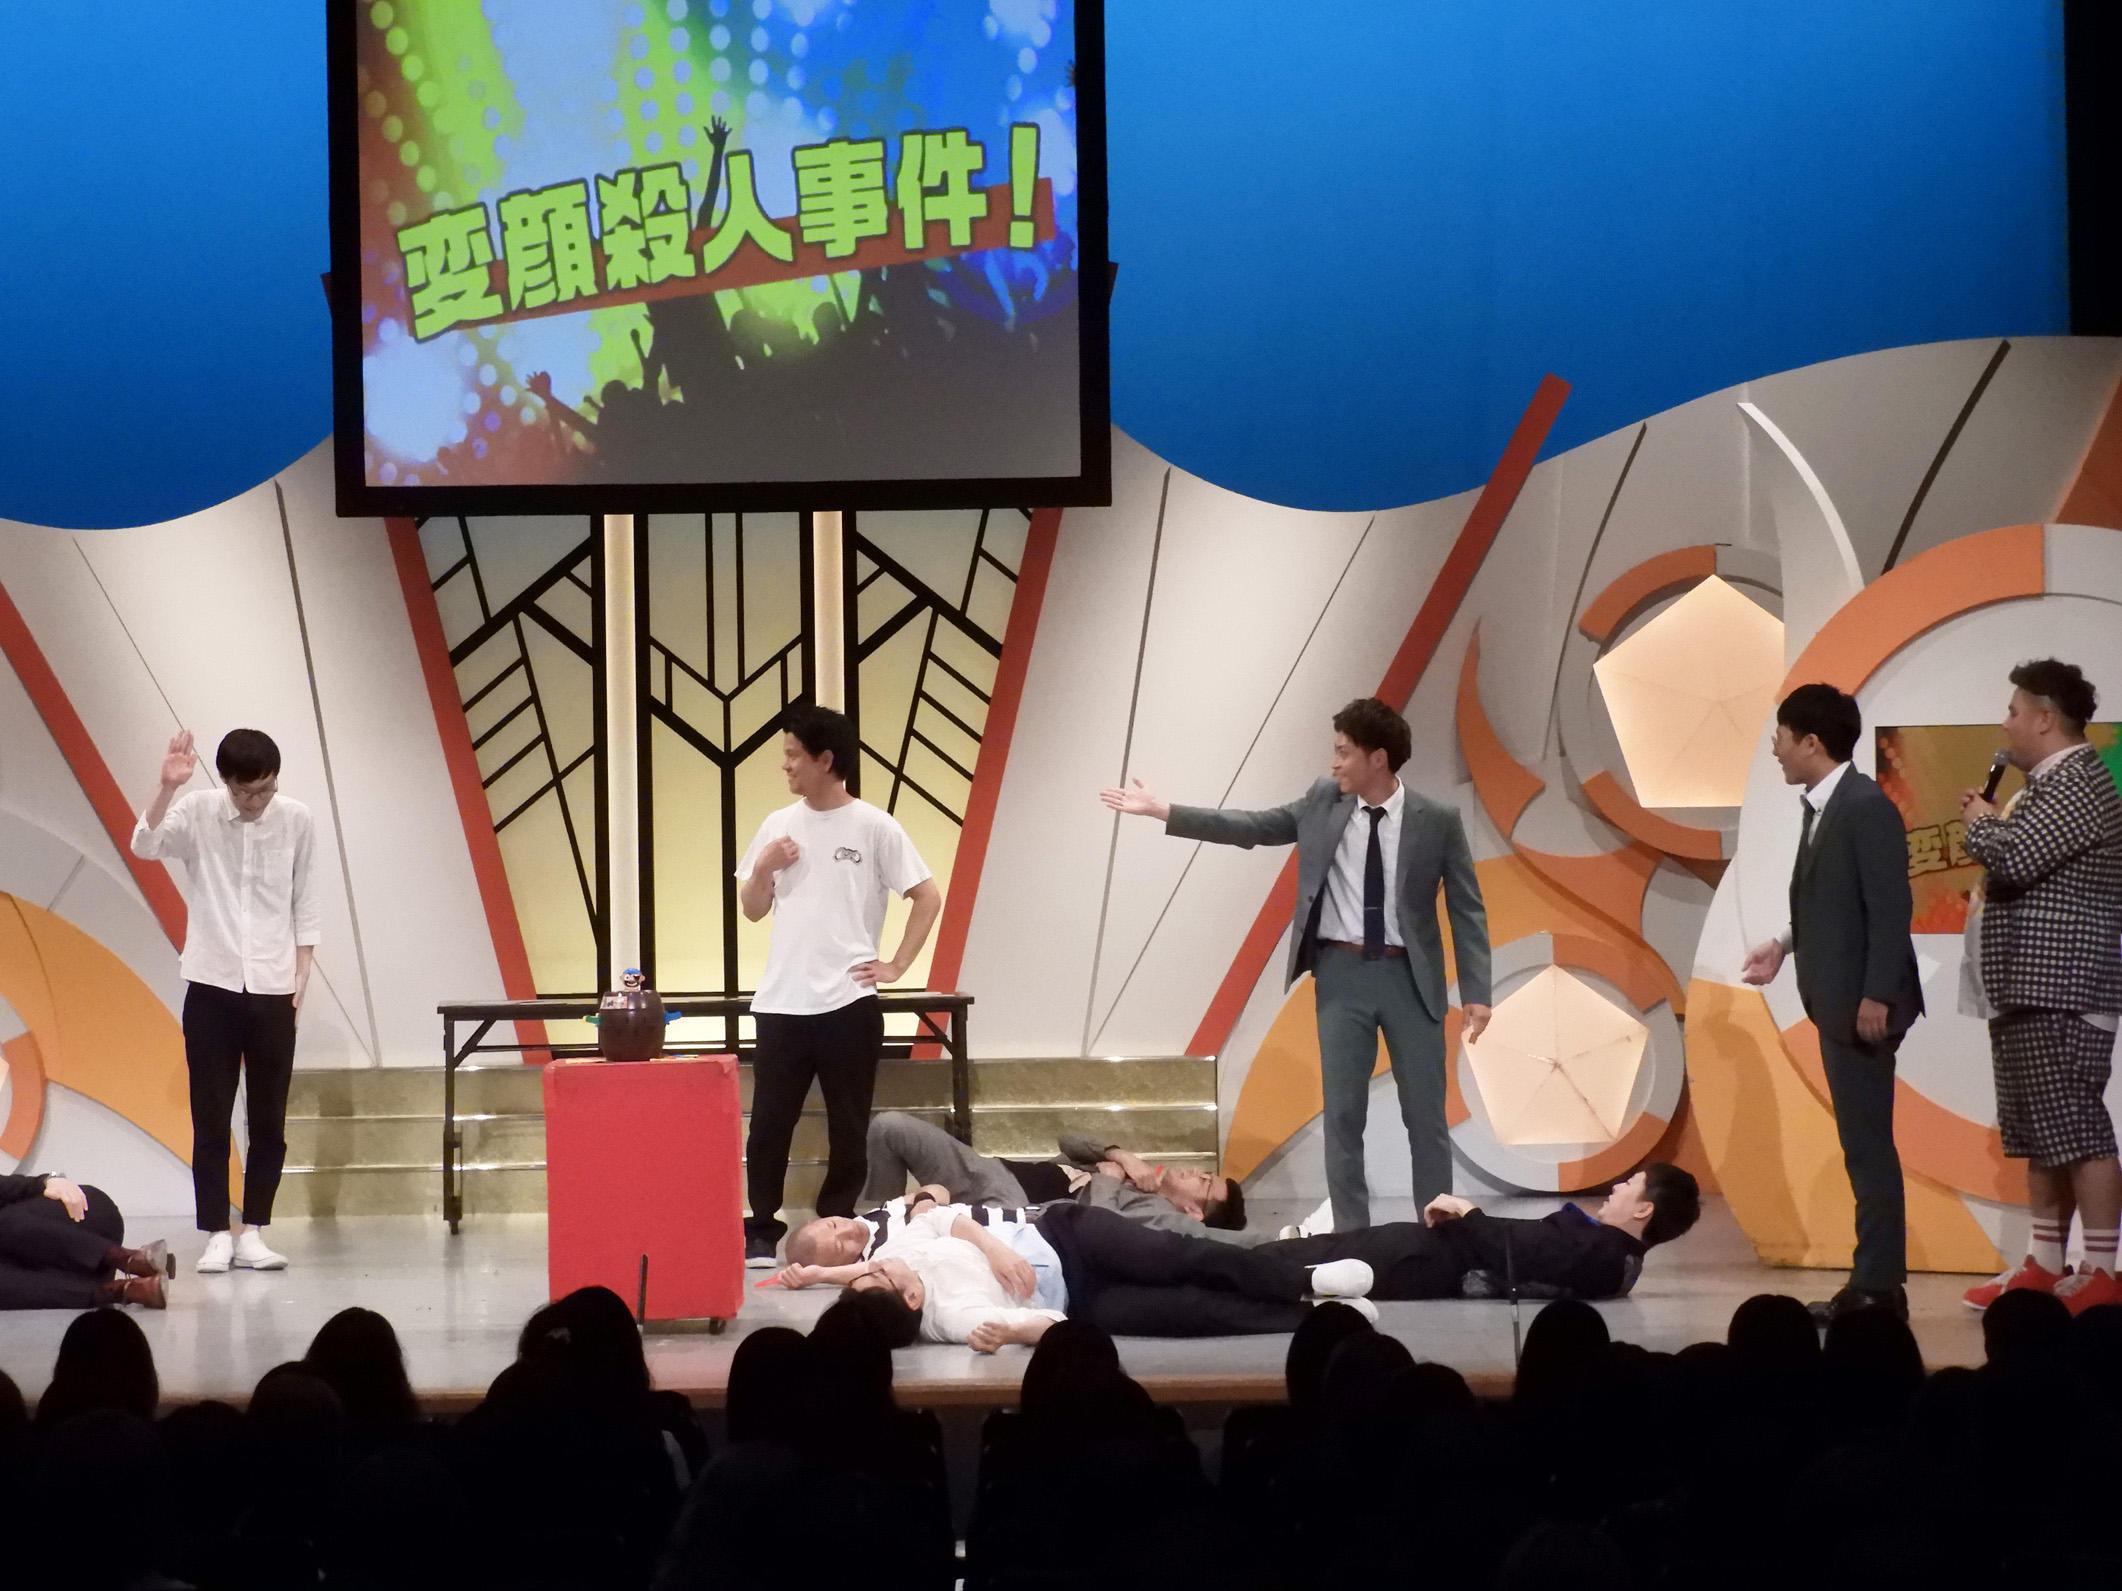 http://news.yoshimoto.co.jp/20180528121708-408bea17d4e075300f7aecaf6bb3d8550d9c54e9.jpg